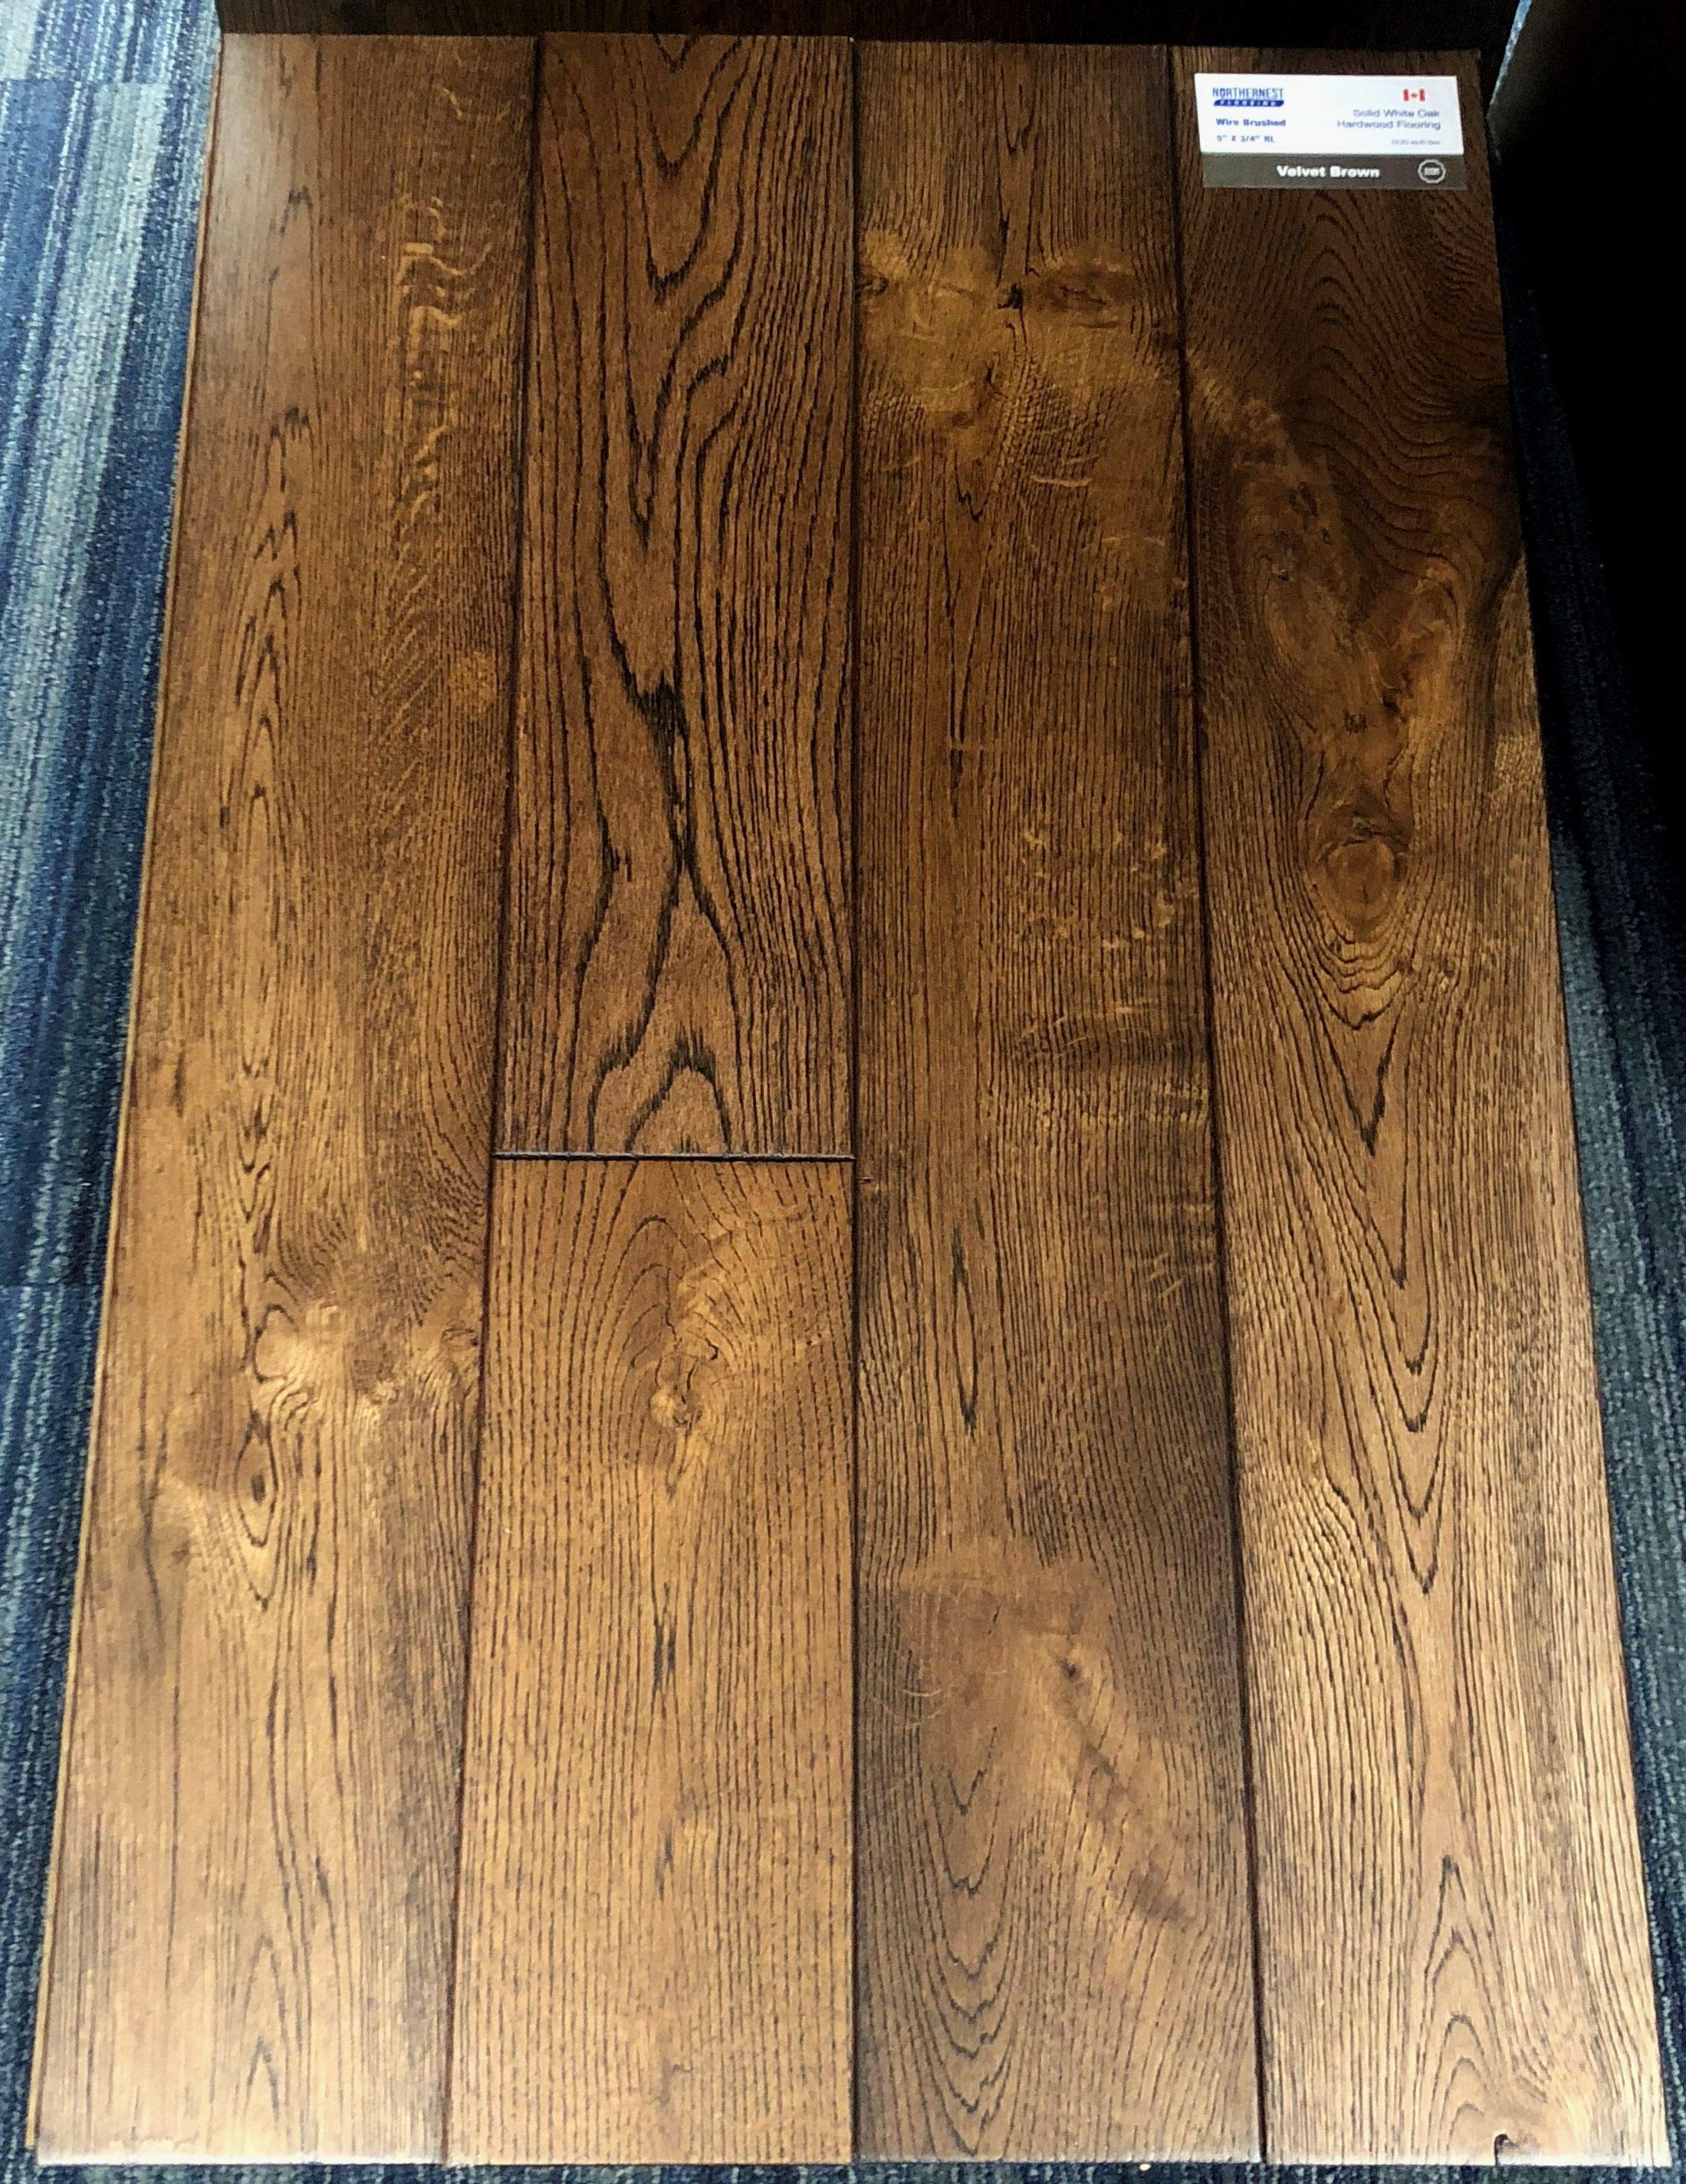 Velvet Brown Northernest White Oak Wirebrushed Hardwood Flooring Image